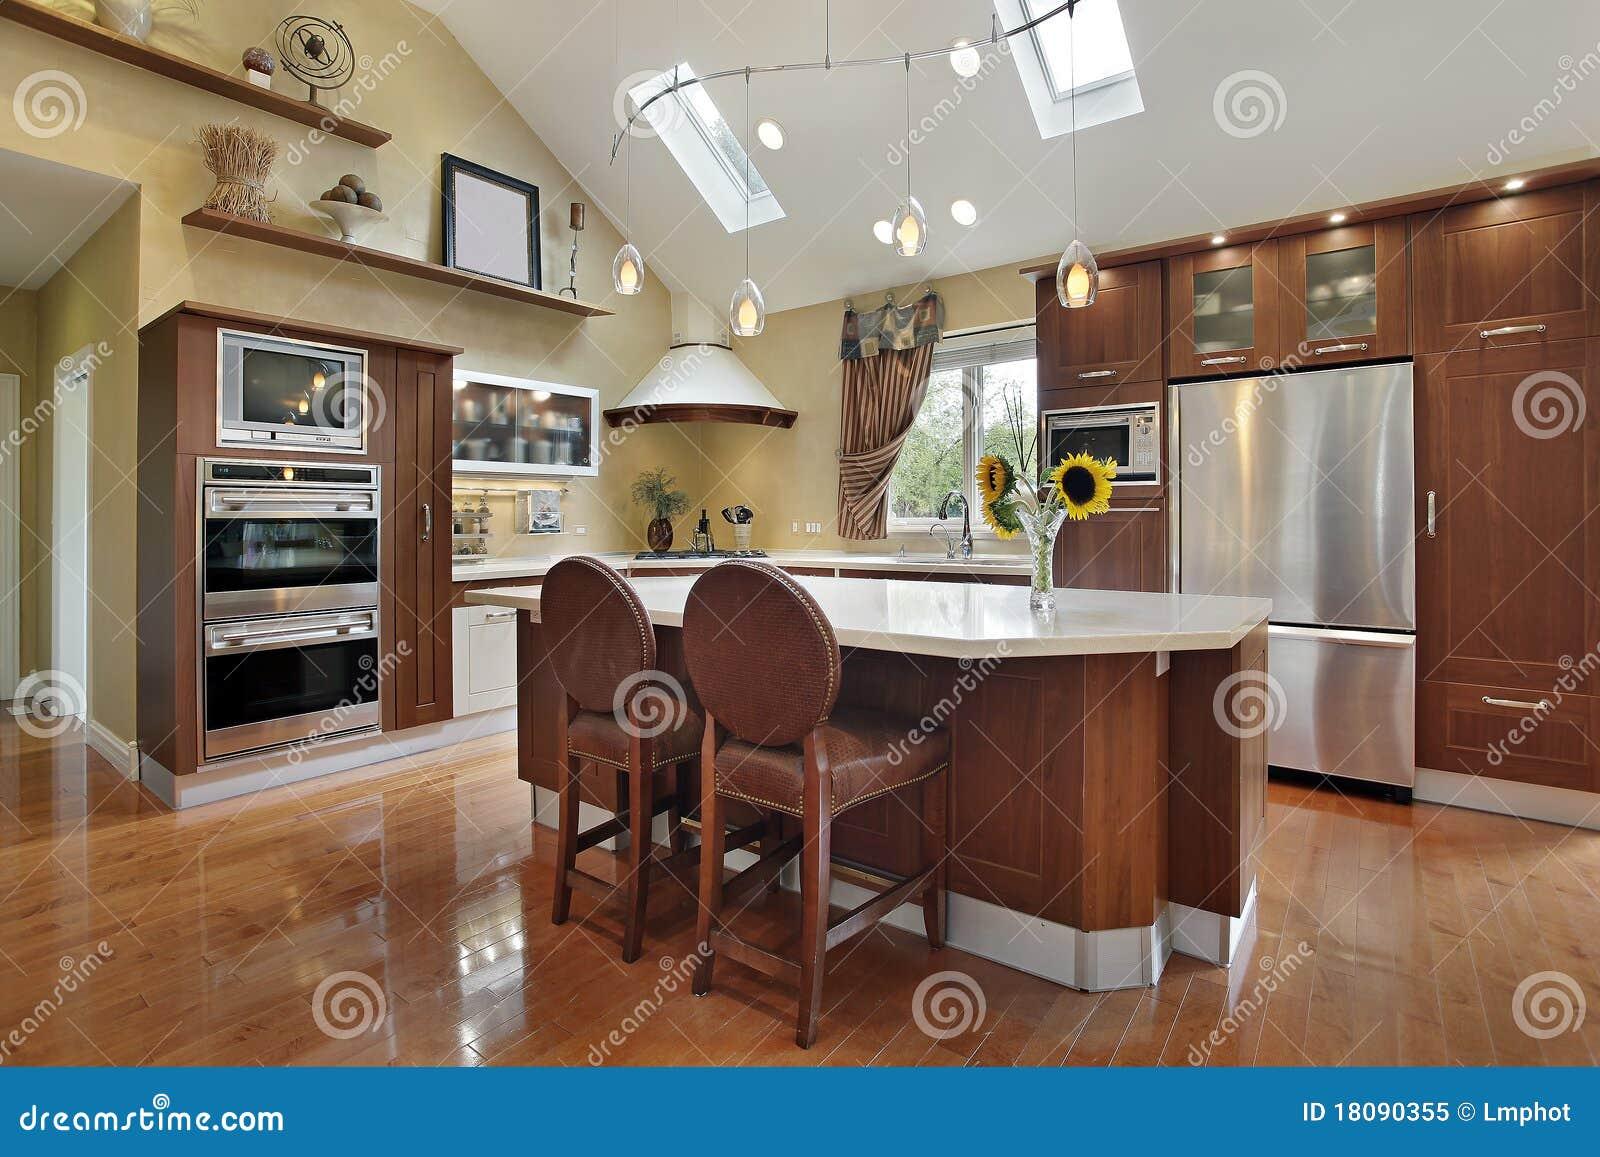 Cucina Di Lusso Con Cabinetry Del Redwood Fotografia Stock Libera da Diritti ...